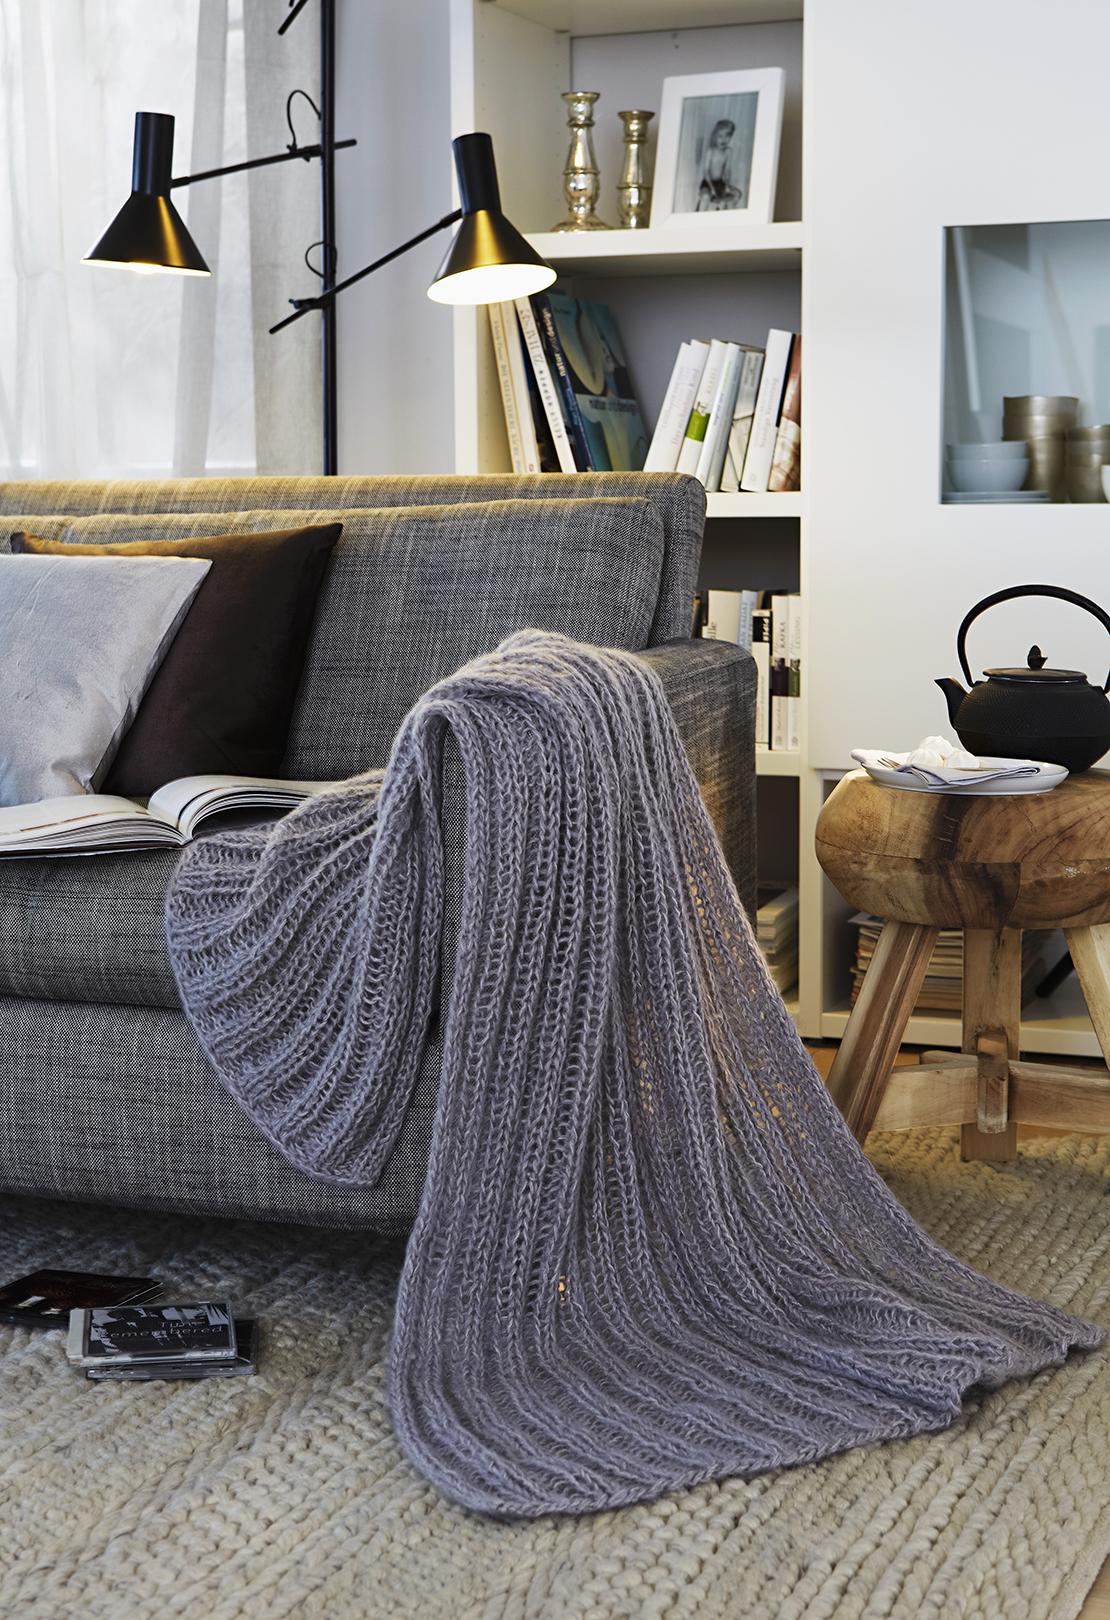 herbstgefuele-couch-mit-decke-in-grau